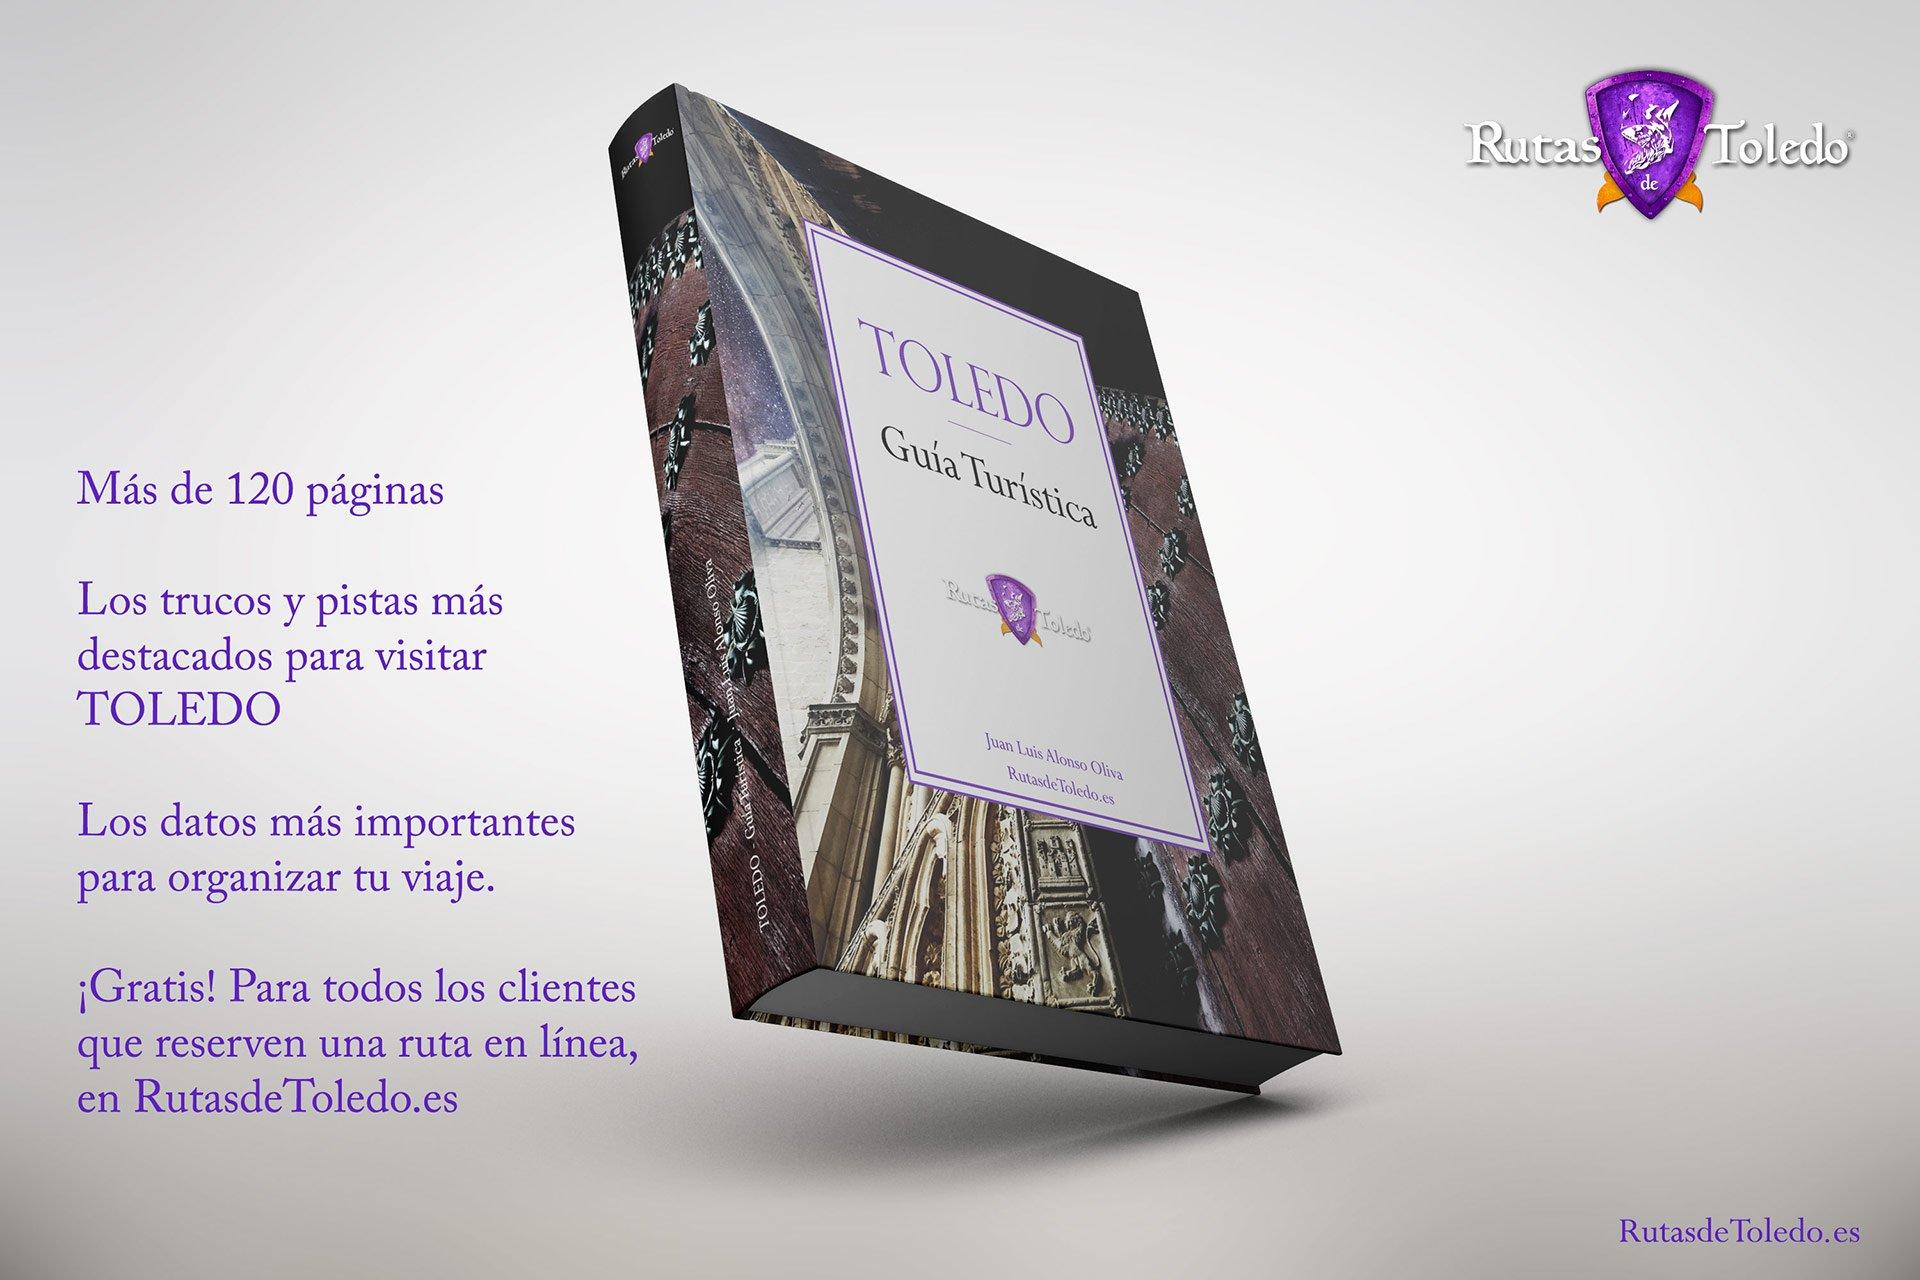 Toledo, guía turística, PDF gratis